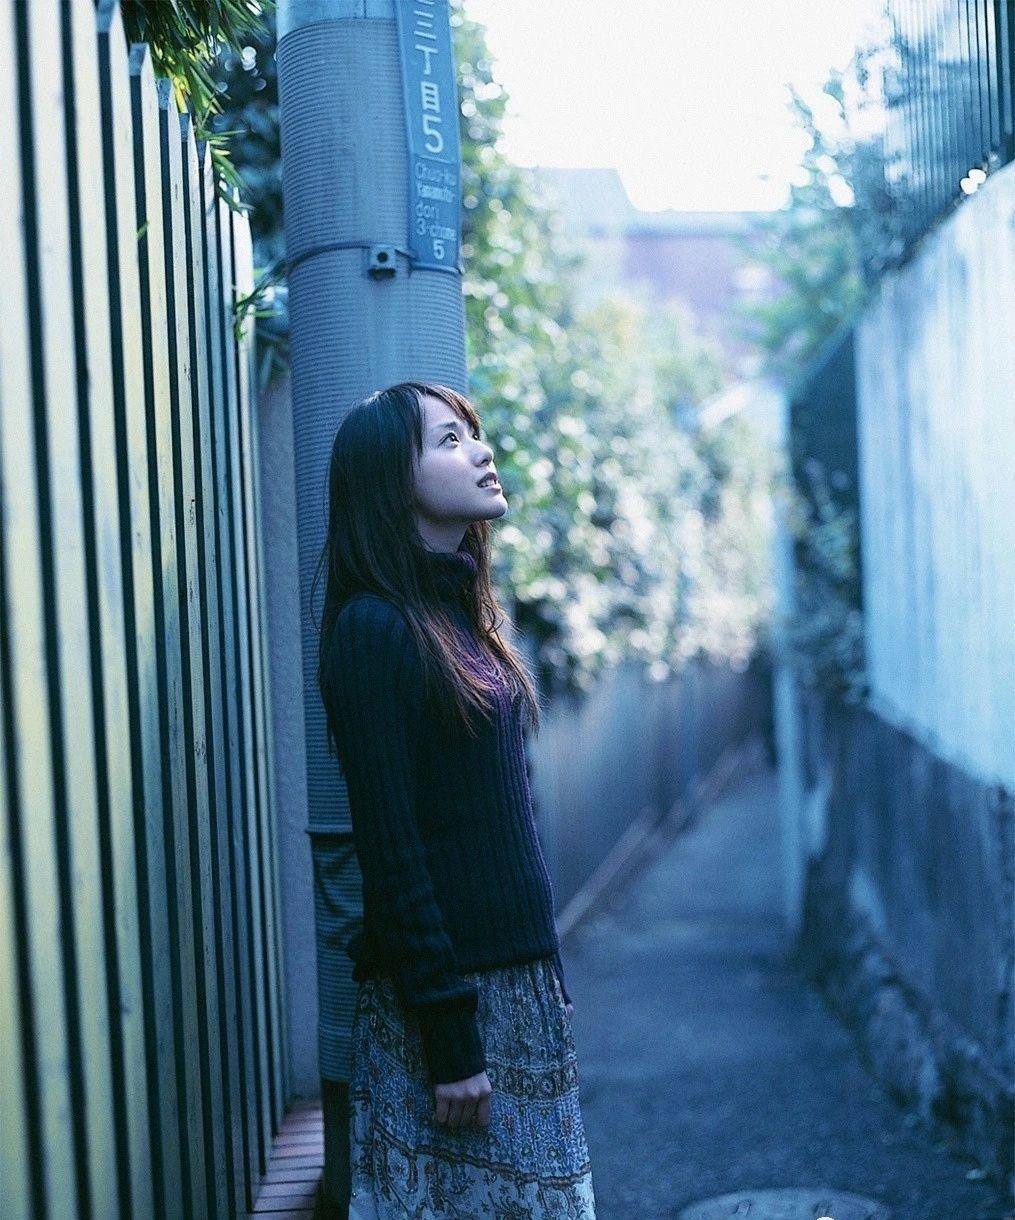 美的不可方物少女时代的户田惠梨香写真作品 (52)